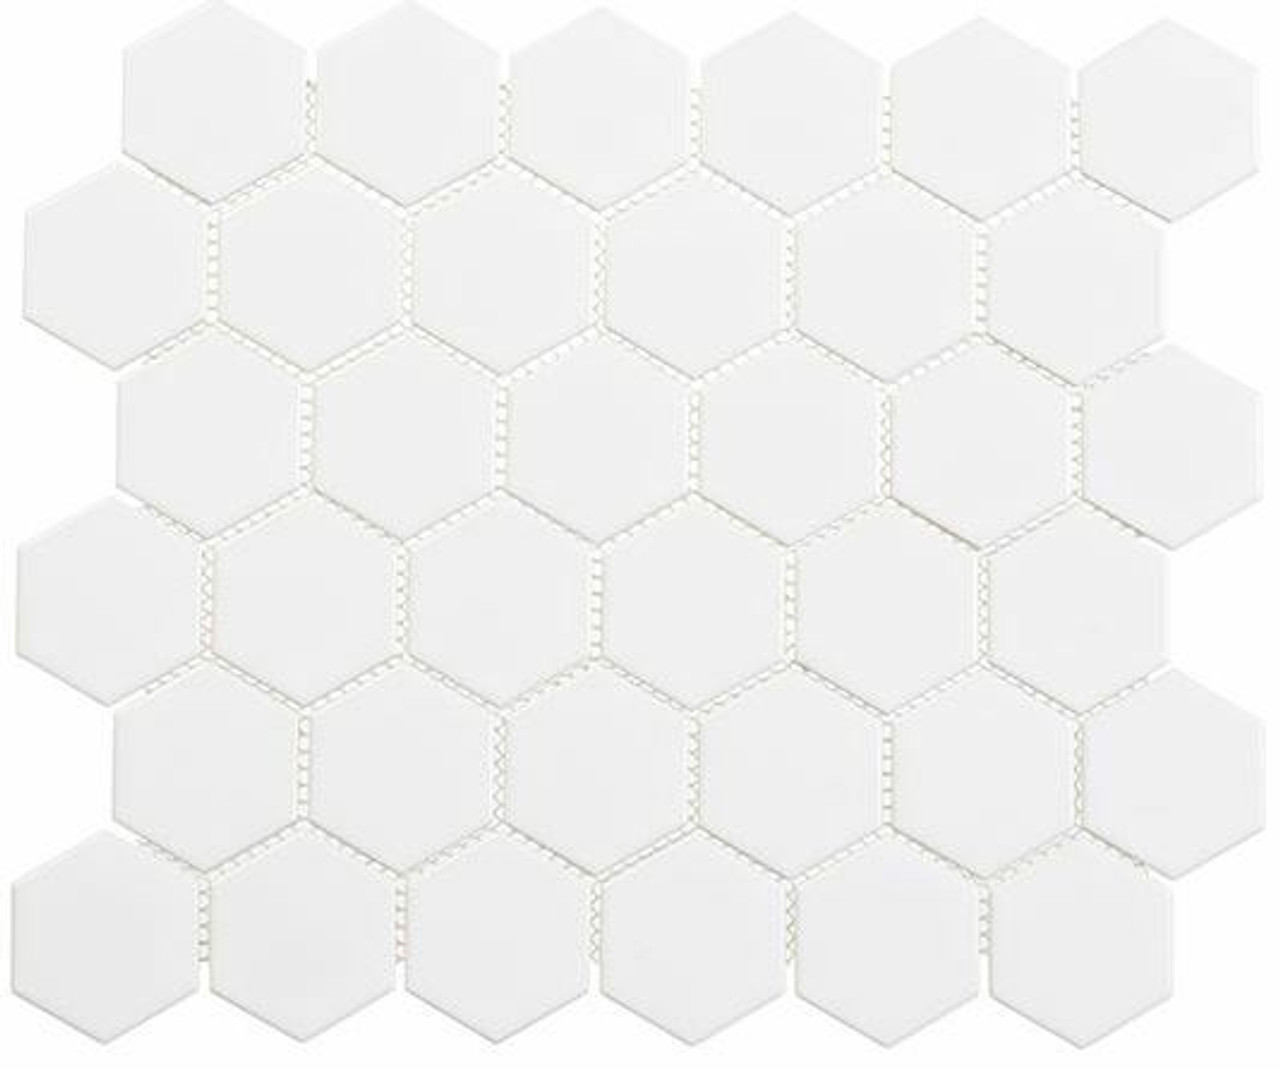 Bella Glass Tiles Freedom Avenue 2 inch Hexagon United Dove FDM1821